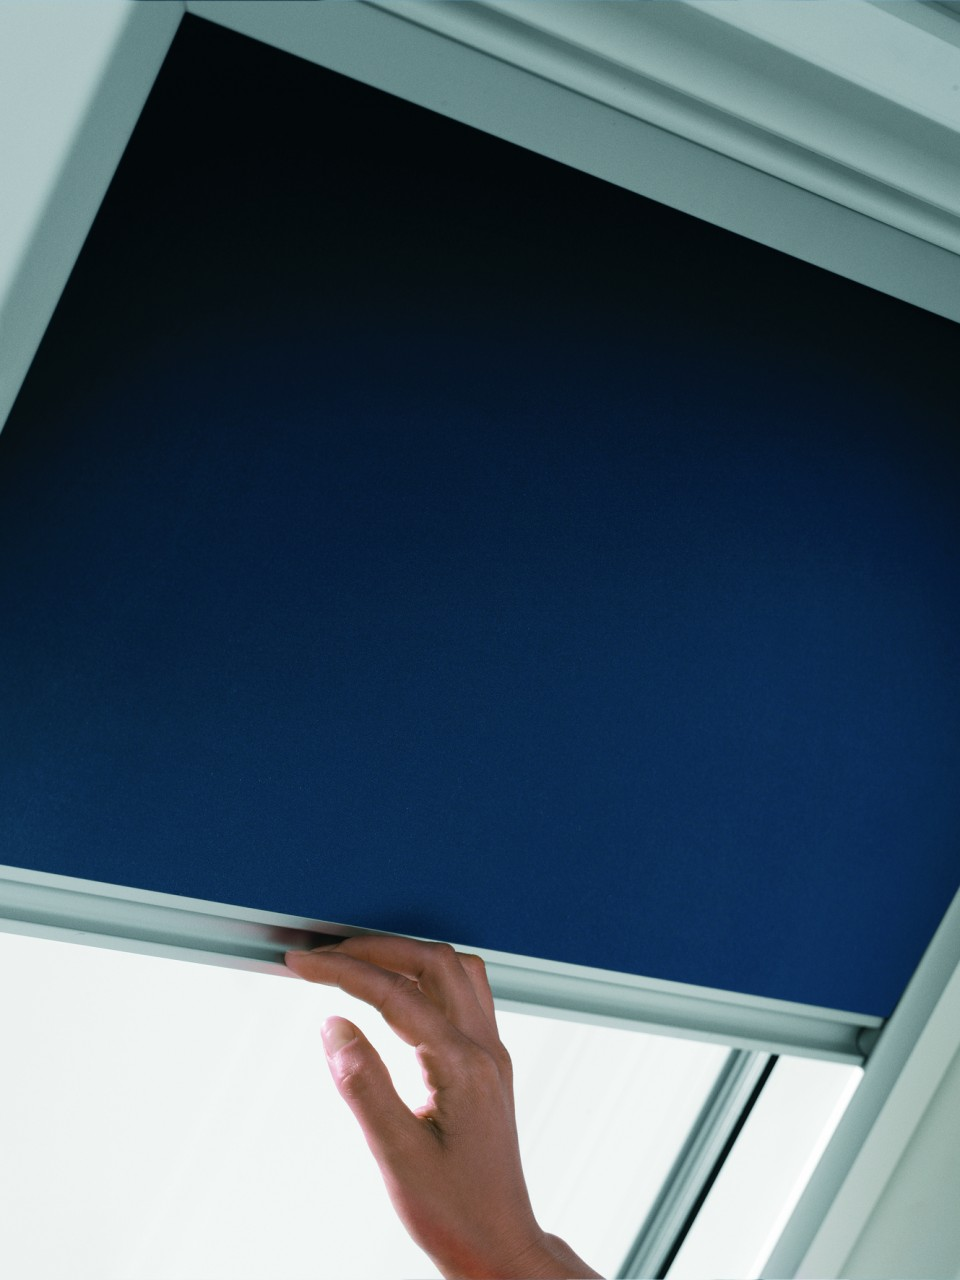 VELUX Verdunkelungsrollo DKL für Größe P06 0705 grau